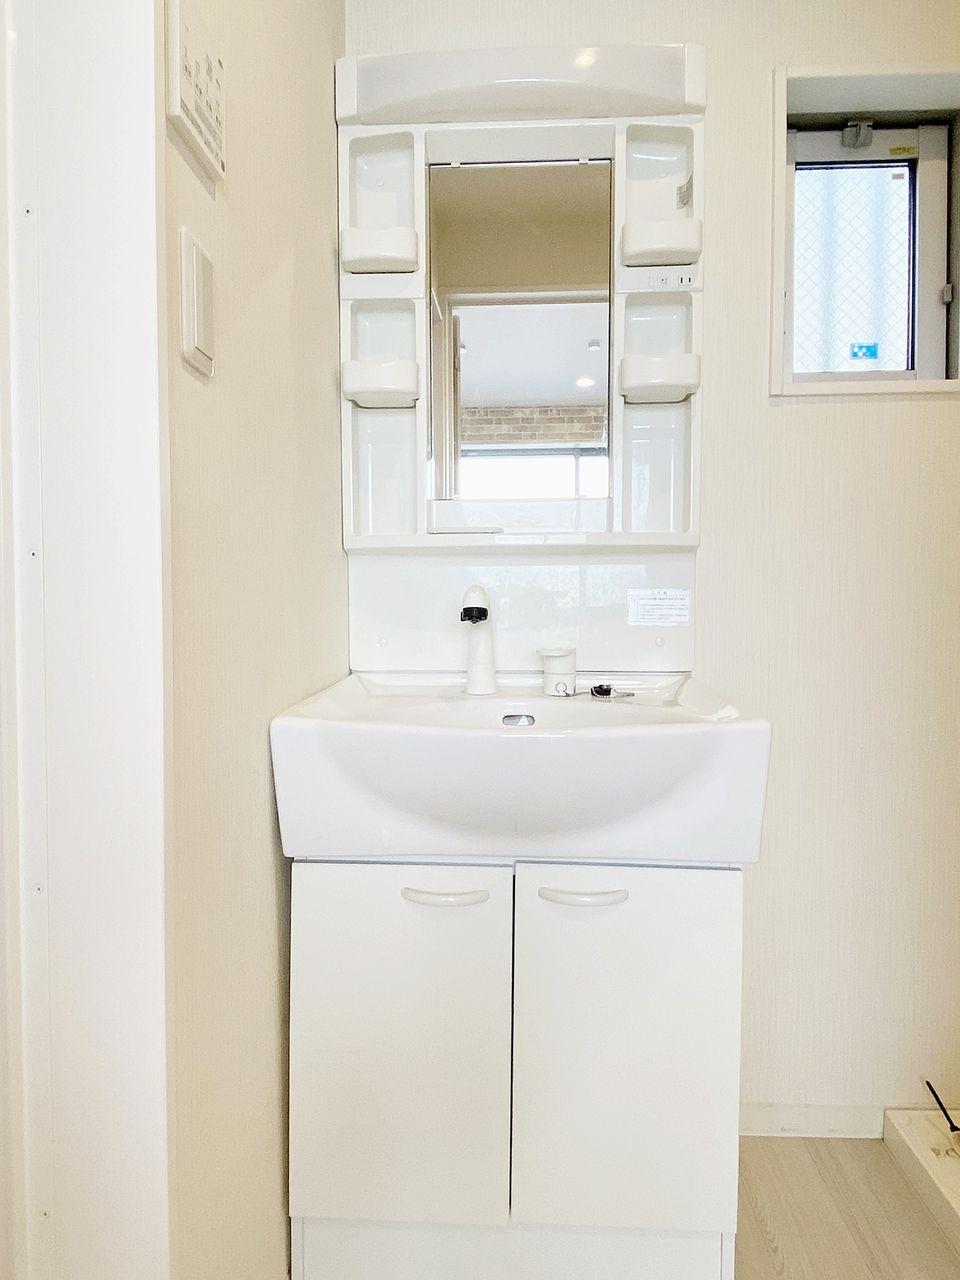 豊島区千早の賃貸マンション オーレ池袋西 脱衣所に独立洗面台あります